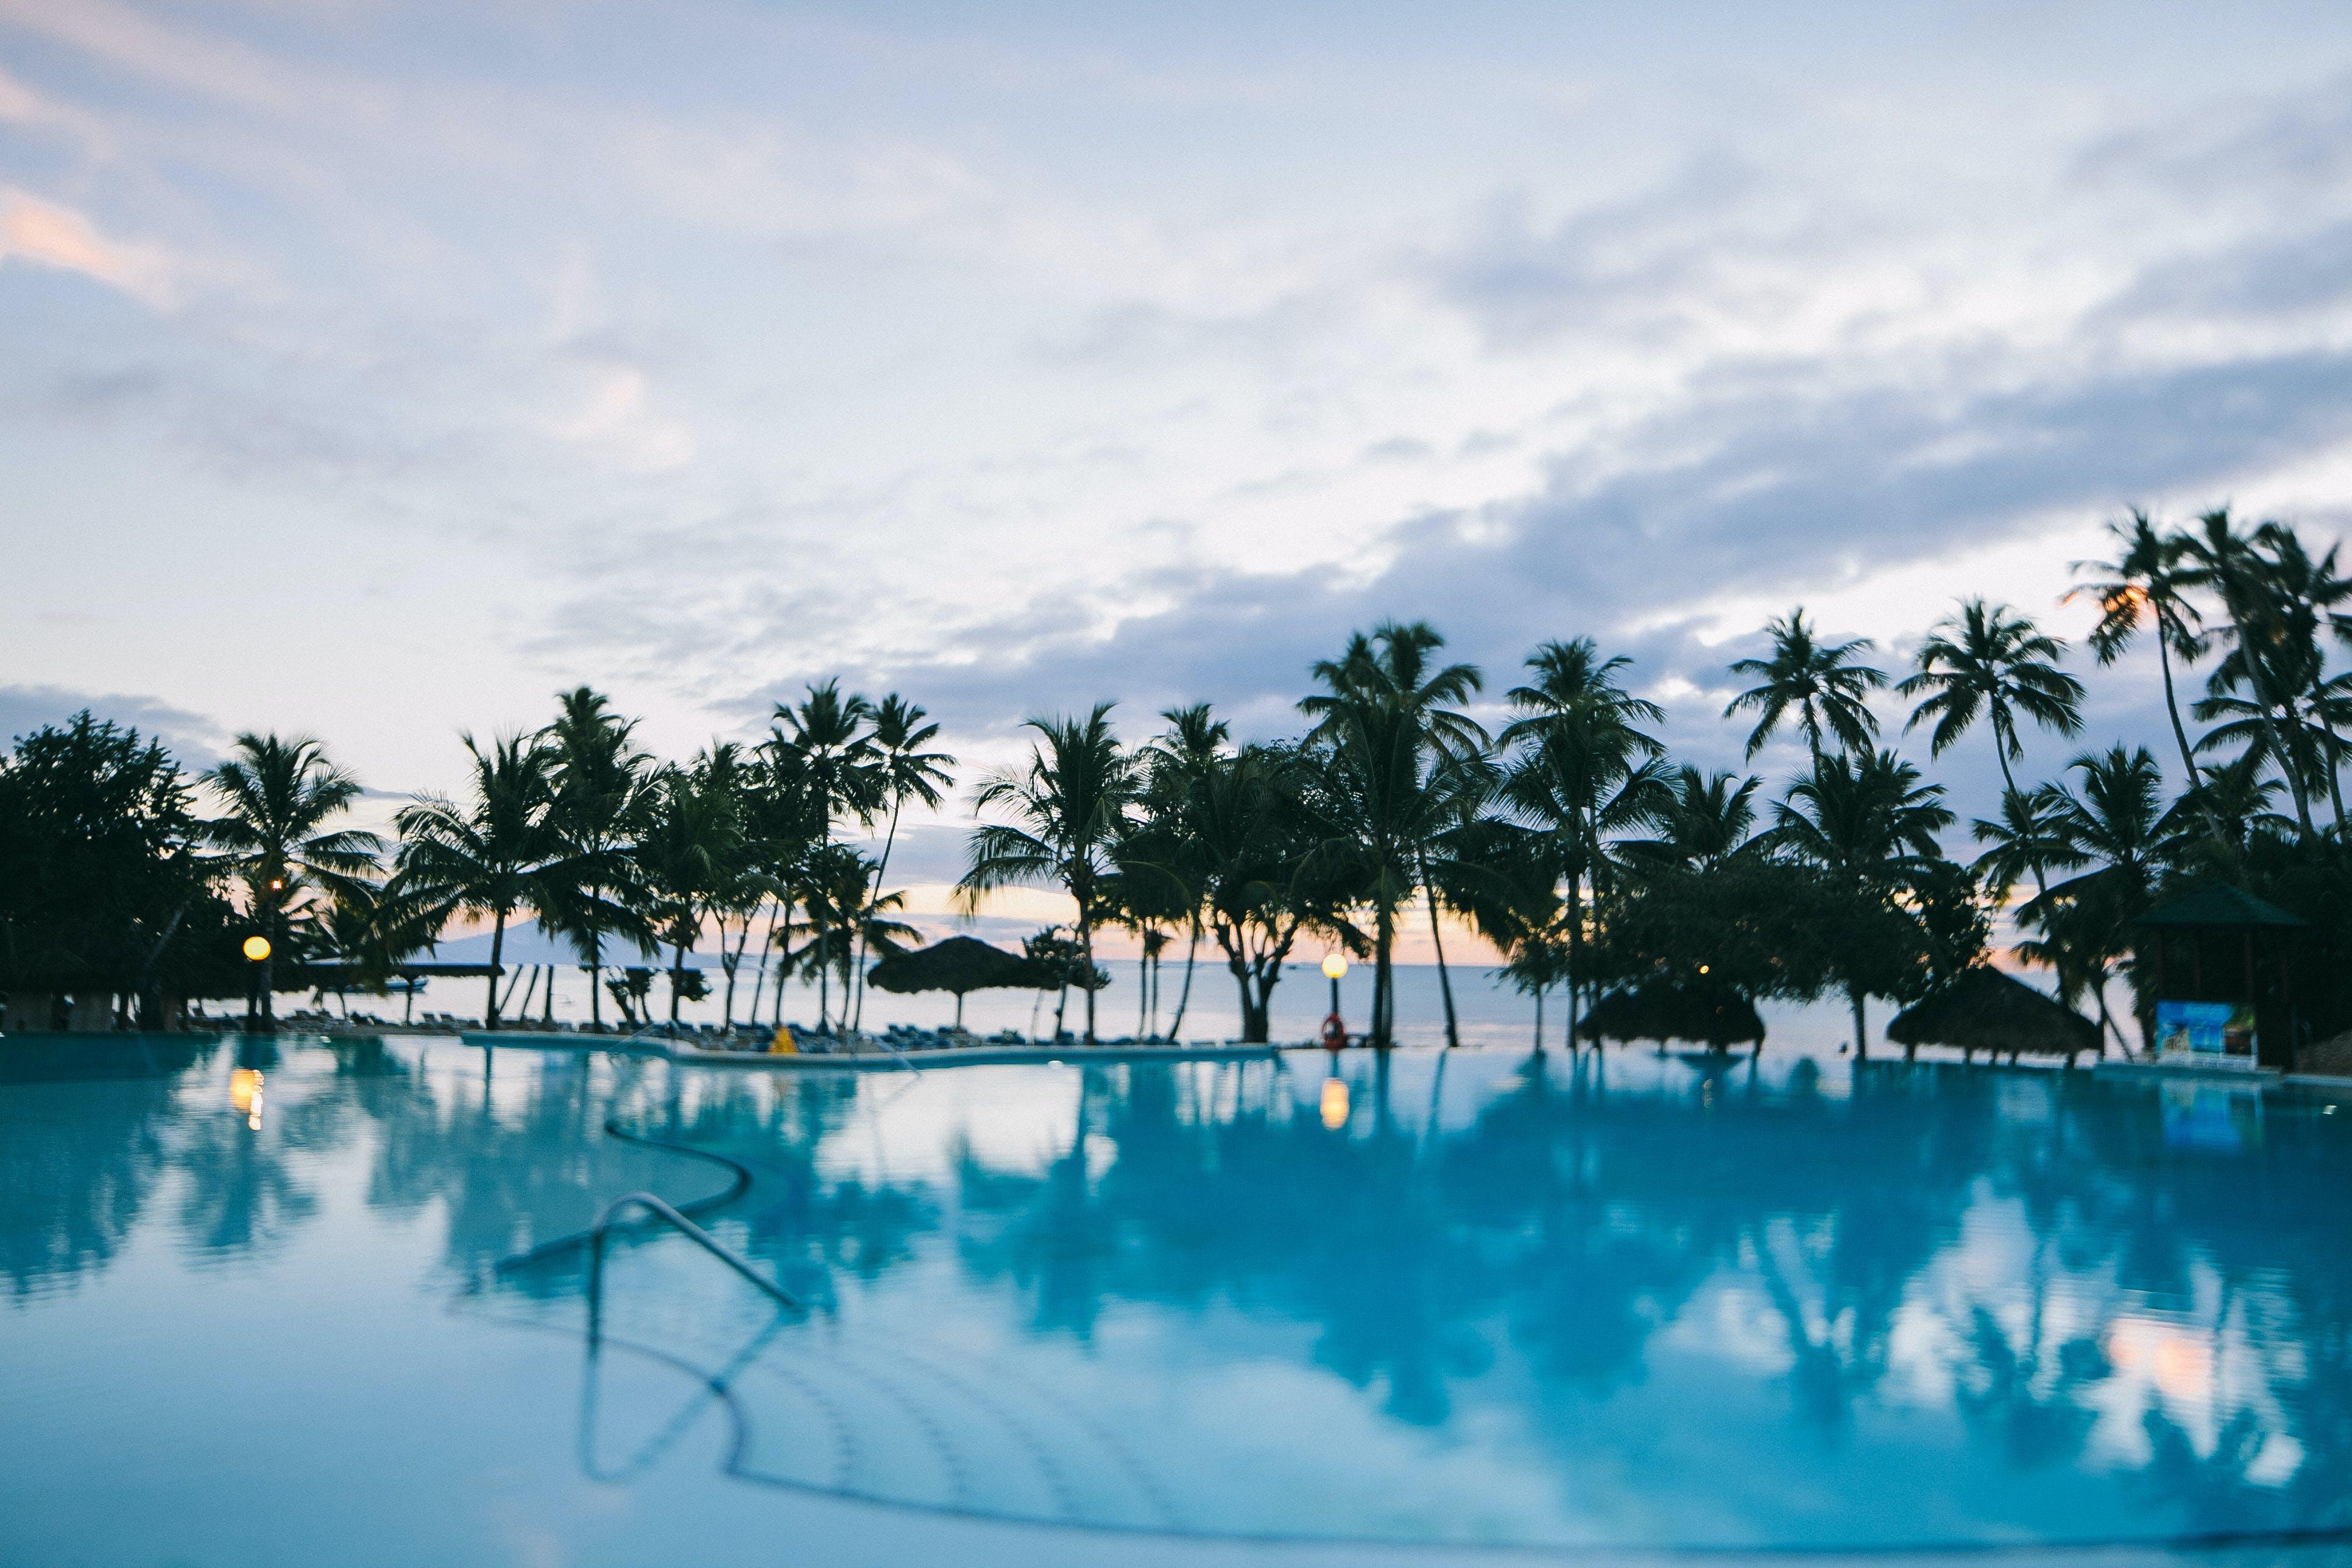 về cây, cây cọ, cây dừa, Hồ bơi